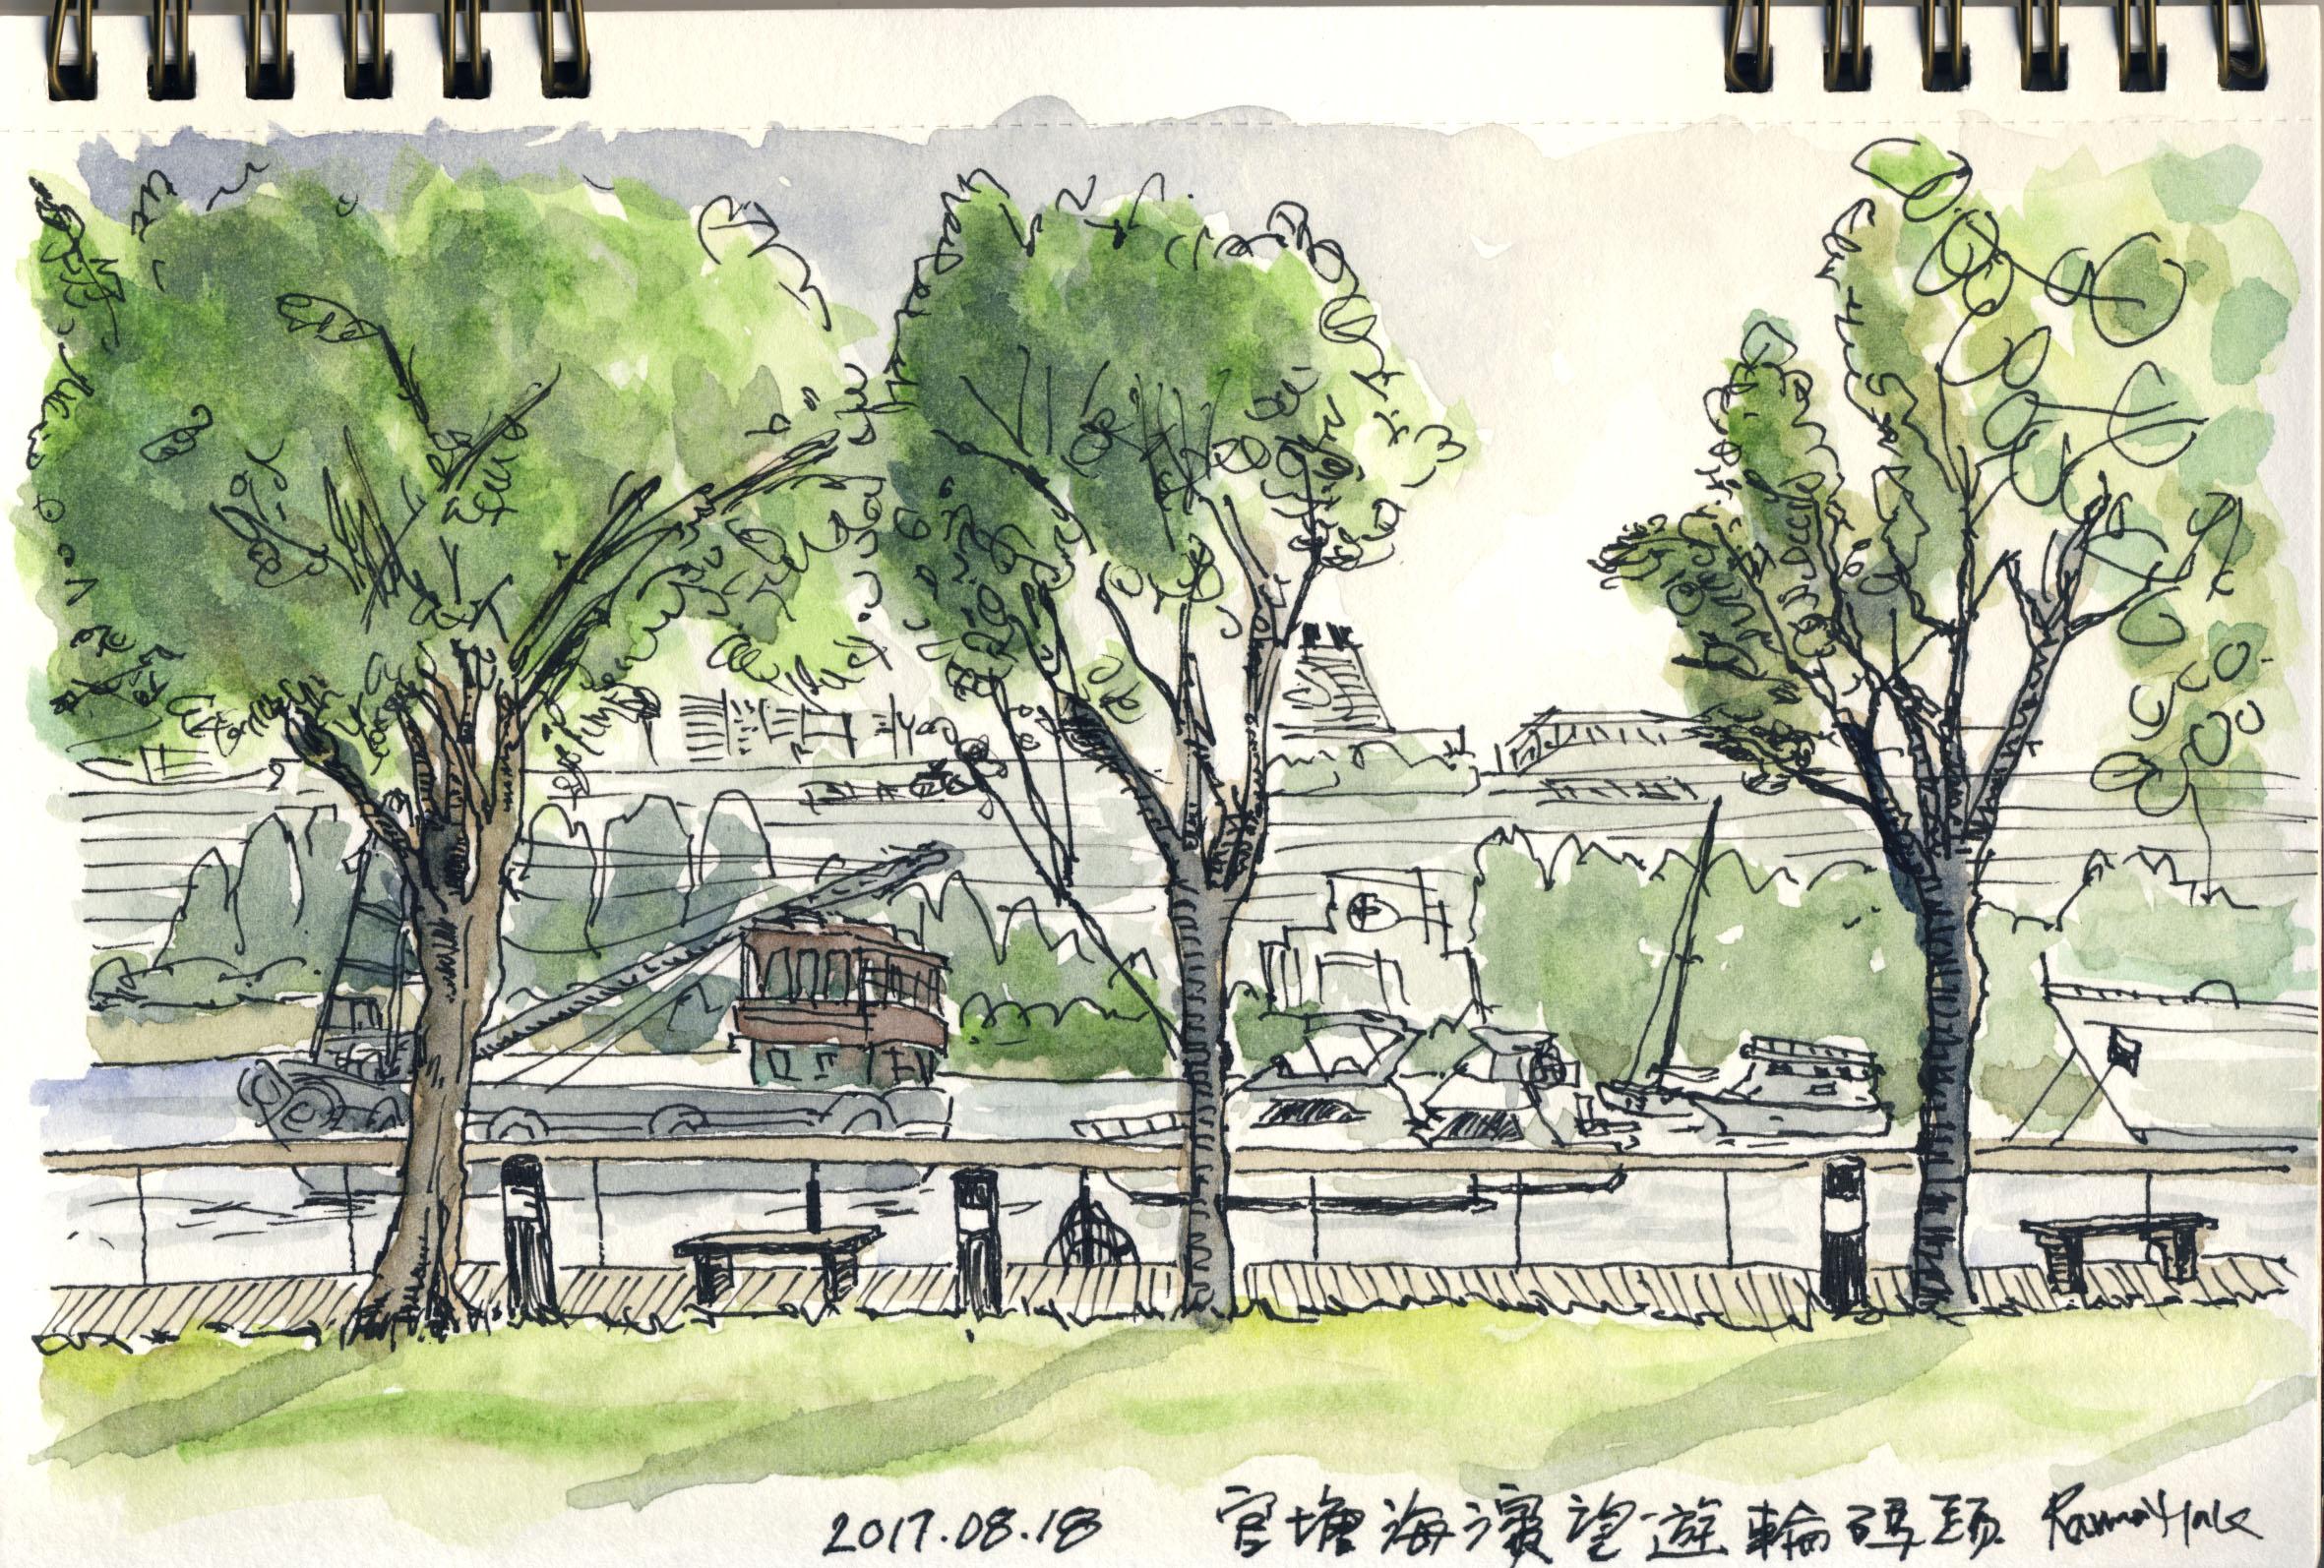 寫生:官塘海濱公園遠眺啓德郵輪碼頭